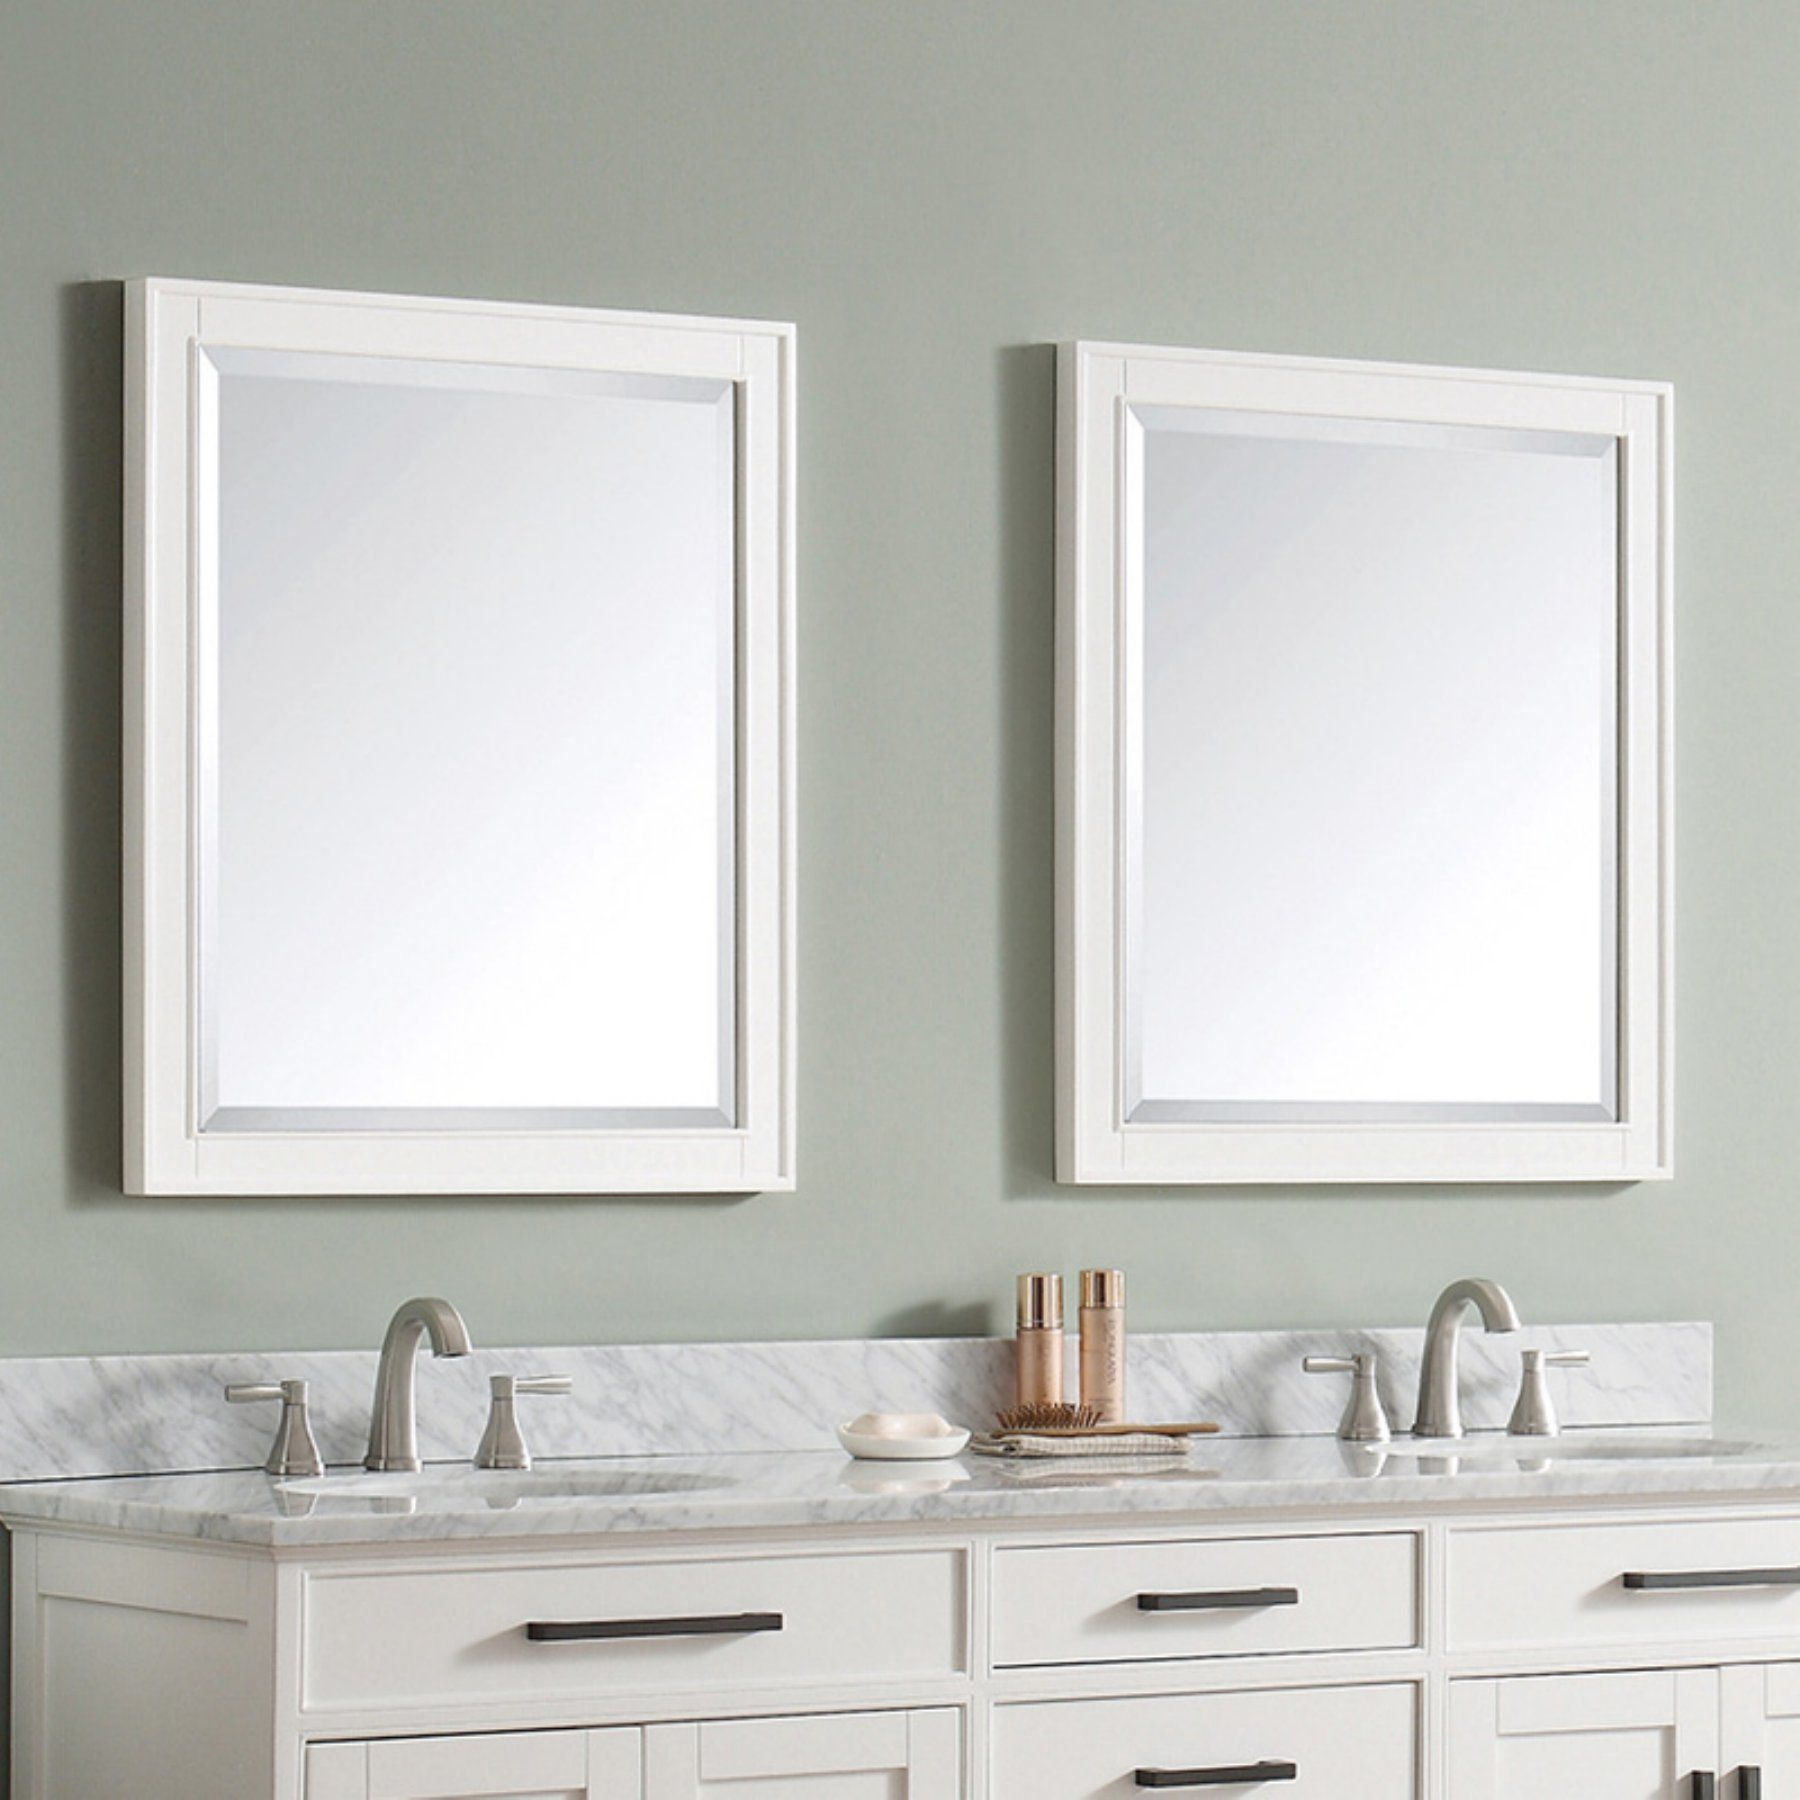 Avanity Madison Bathroom Wall Mirror Madison M28 Wt Mirror